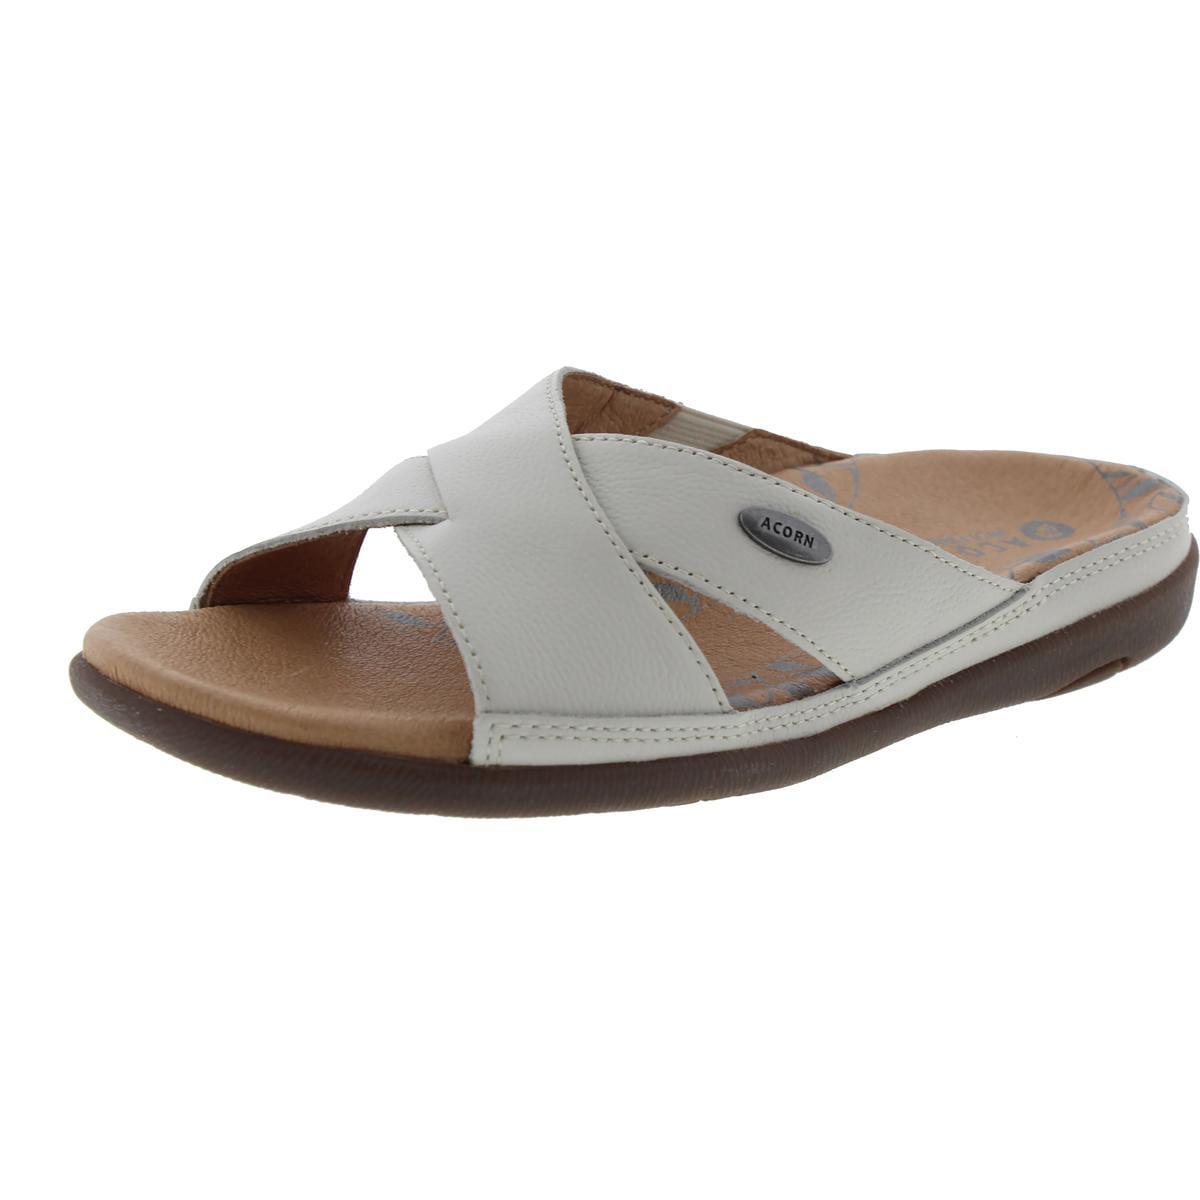 ACORN Womens Prima Cross Slide Dress Sandal